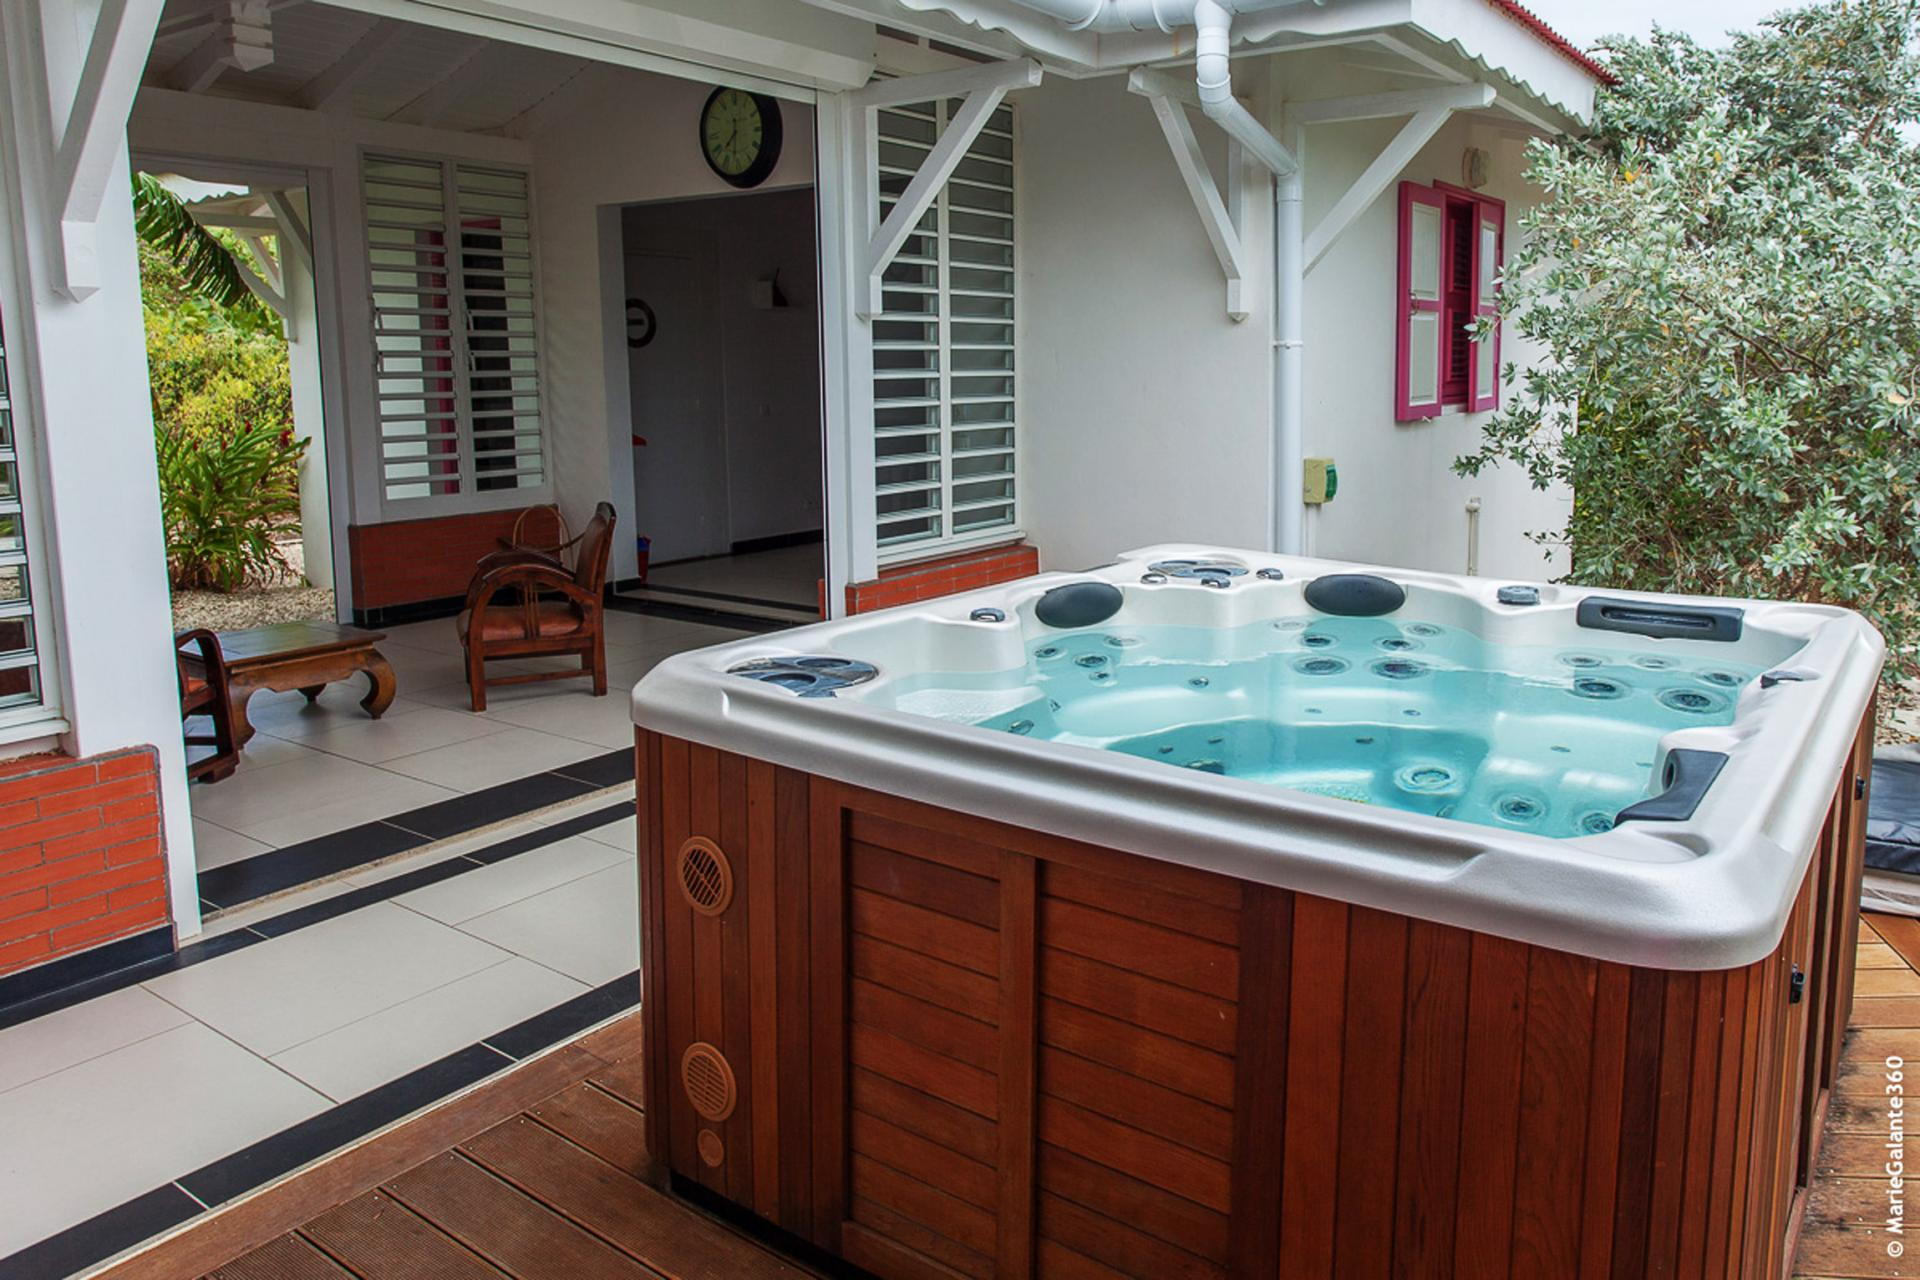 Villa en location avec jacuzzi - Vue d'ensemble